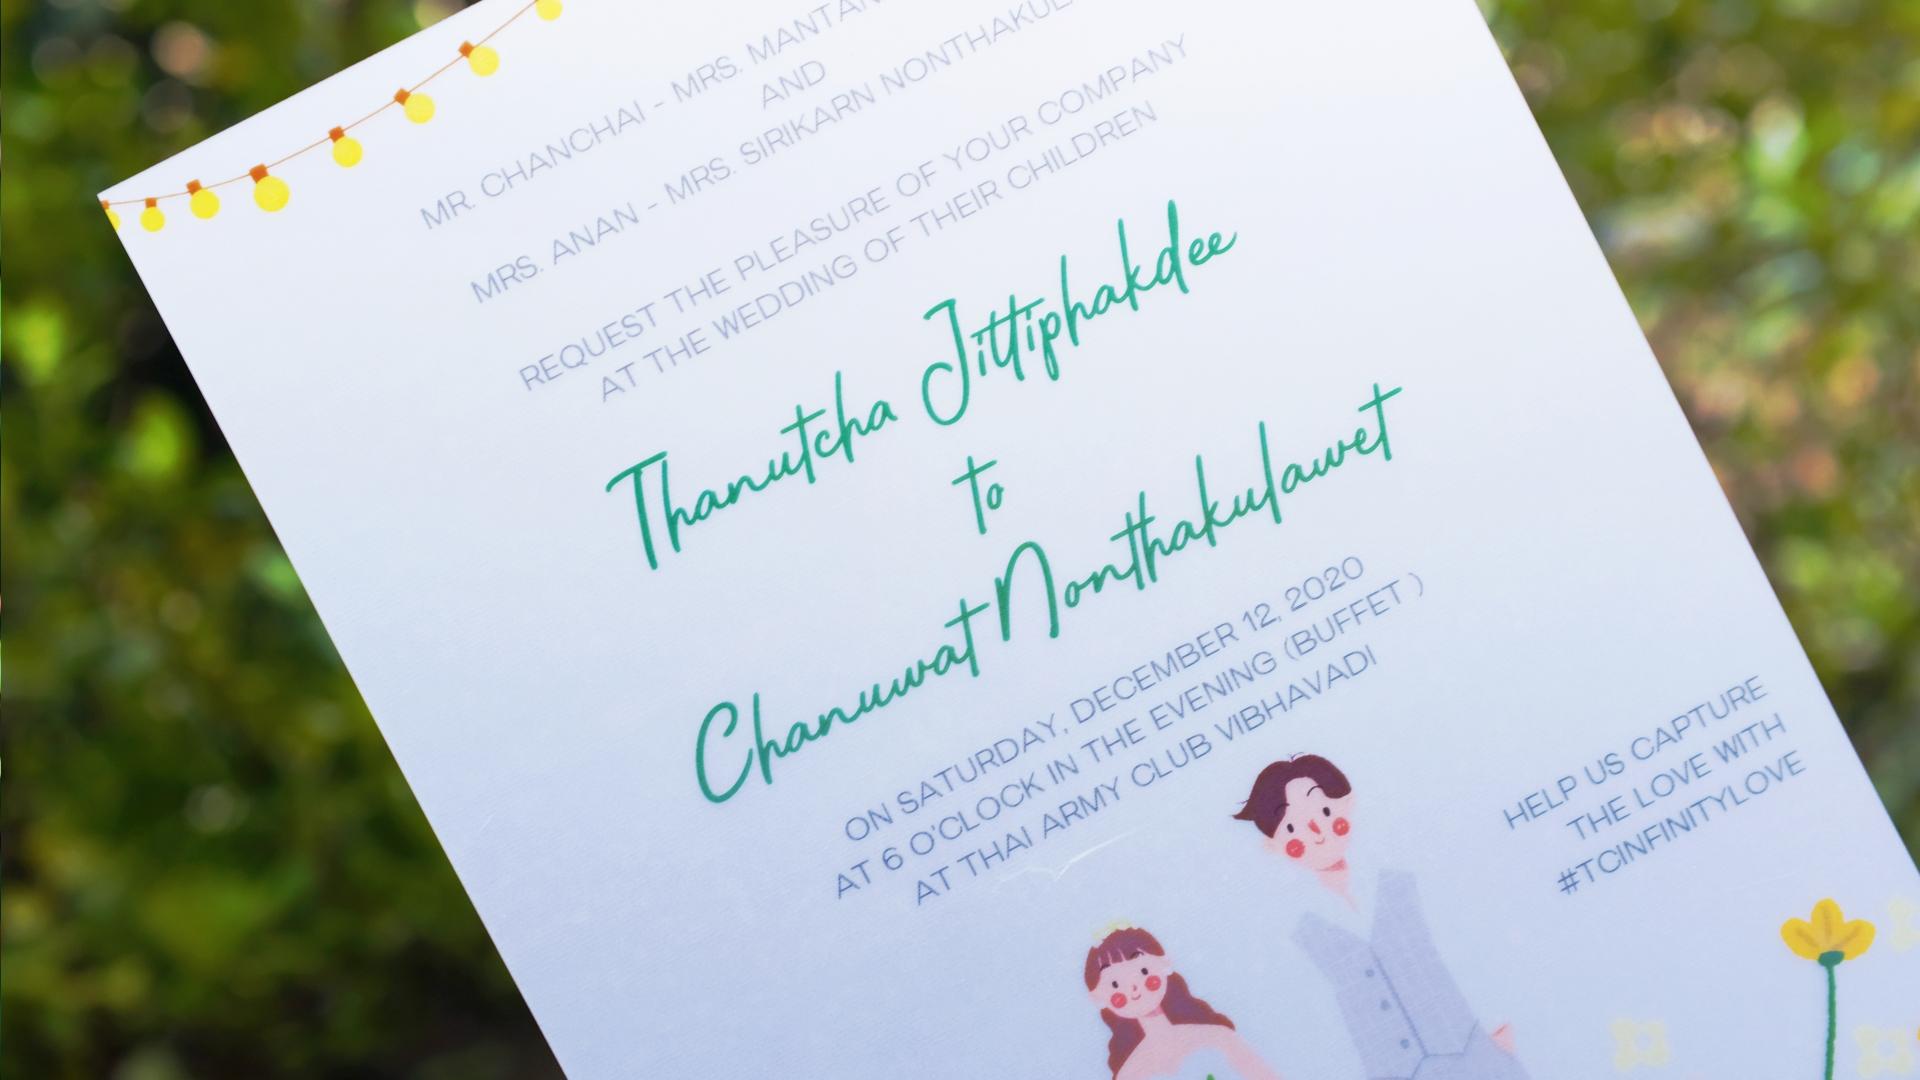 B076LM-wedding-card-2